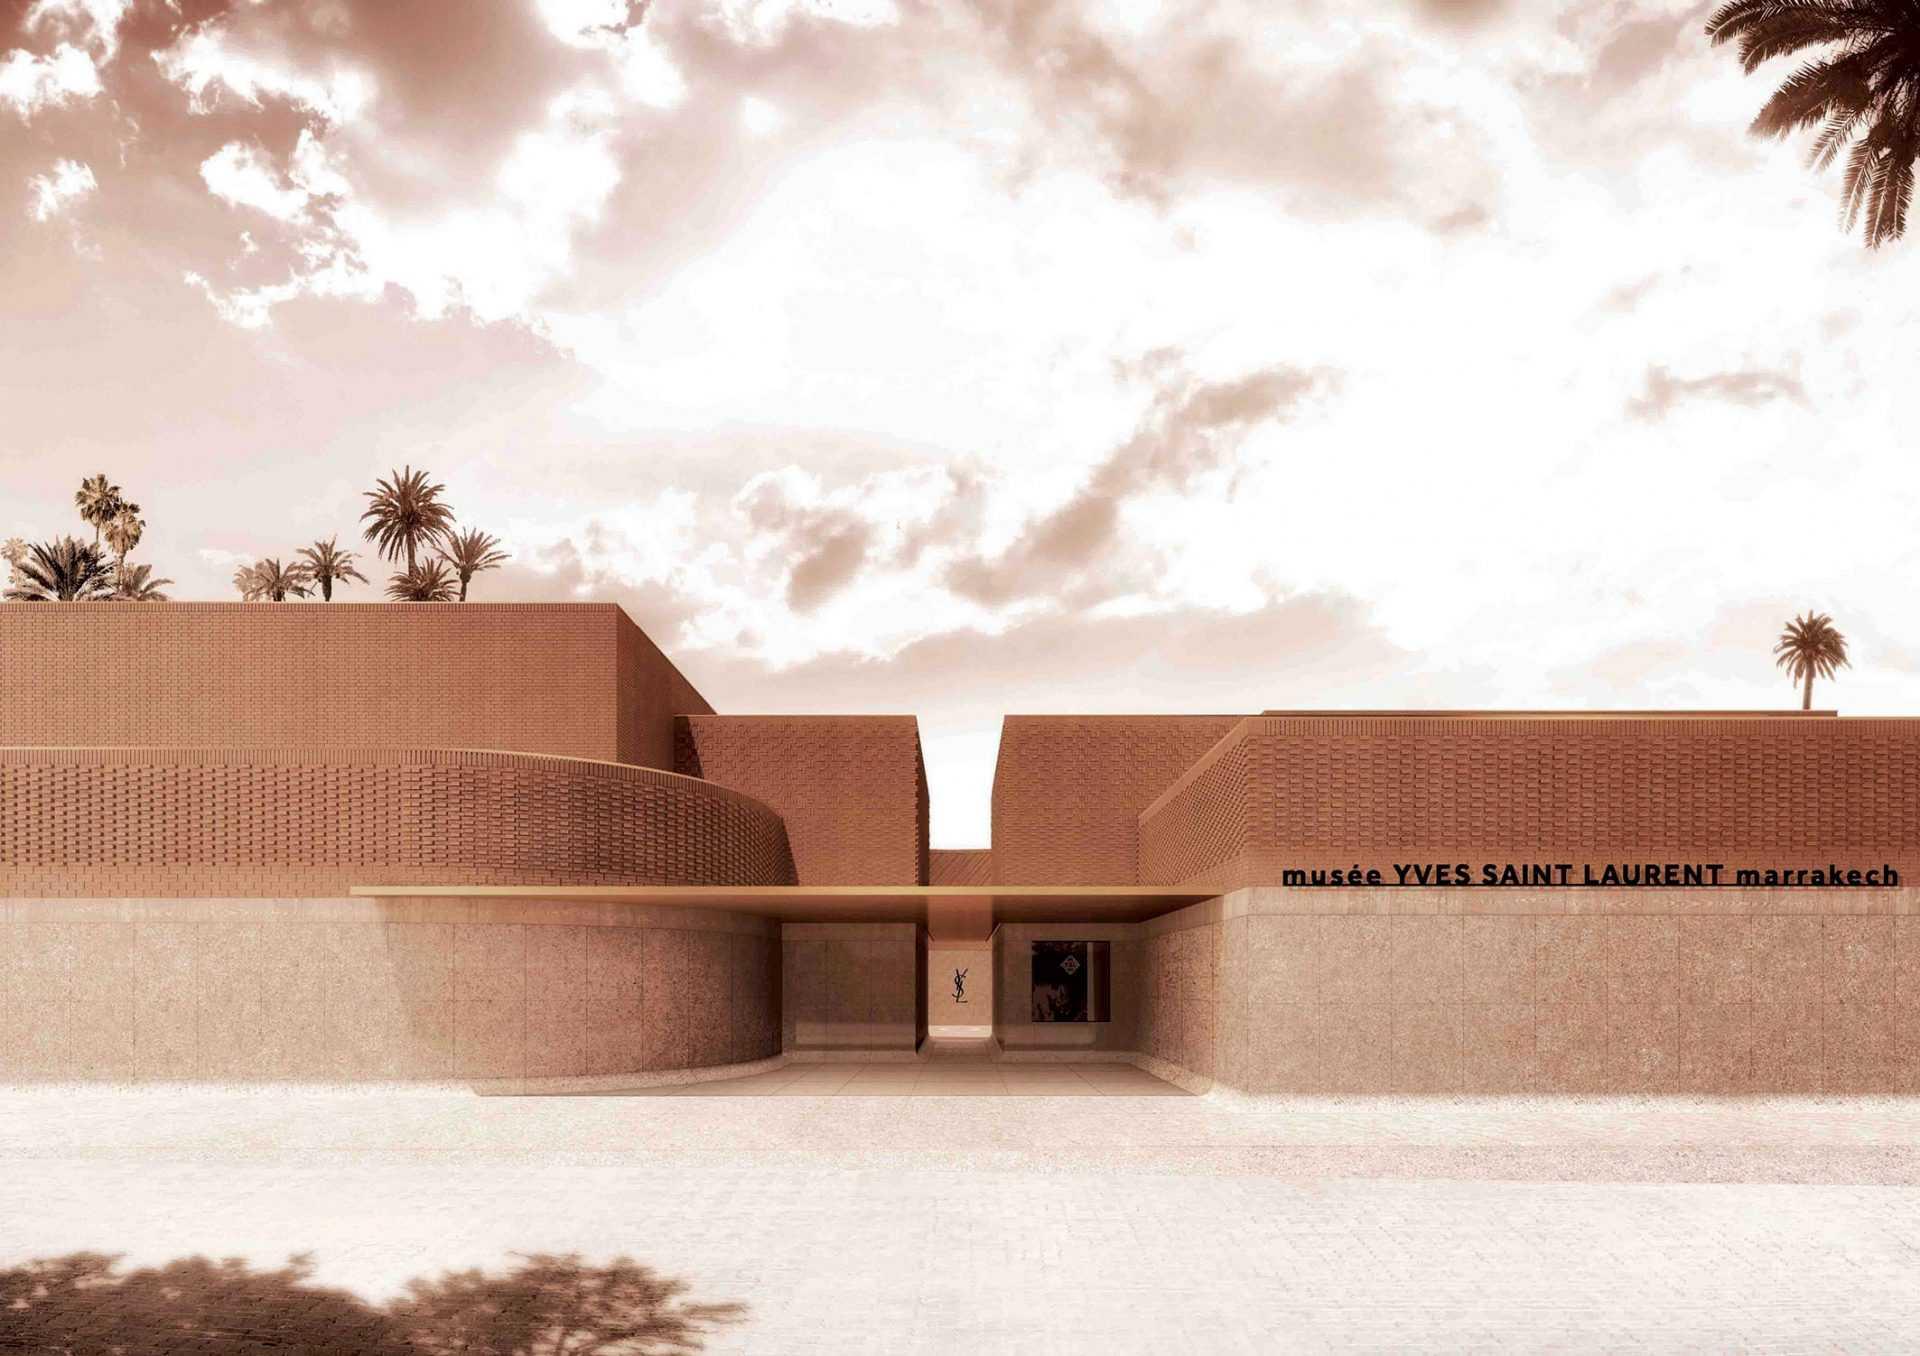 Le Studio KO signe le nouveau musée YVES SAINT LAURENT